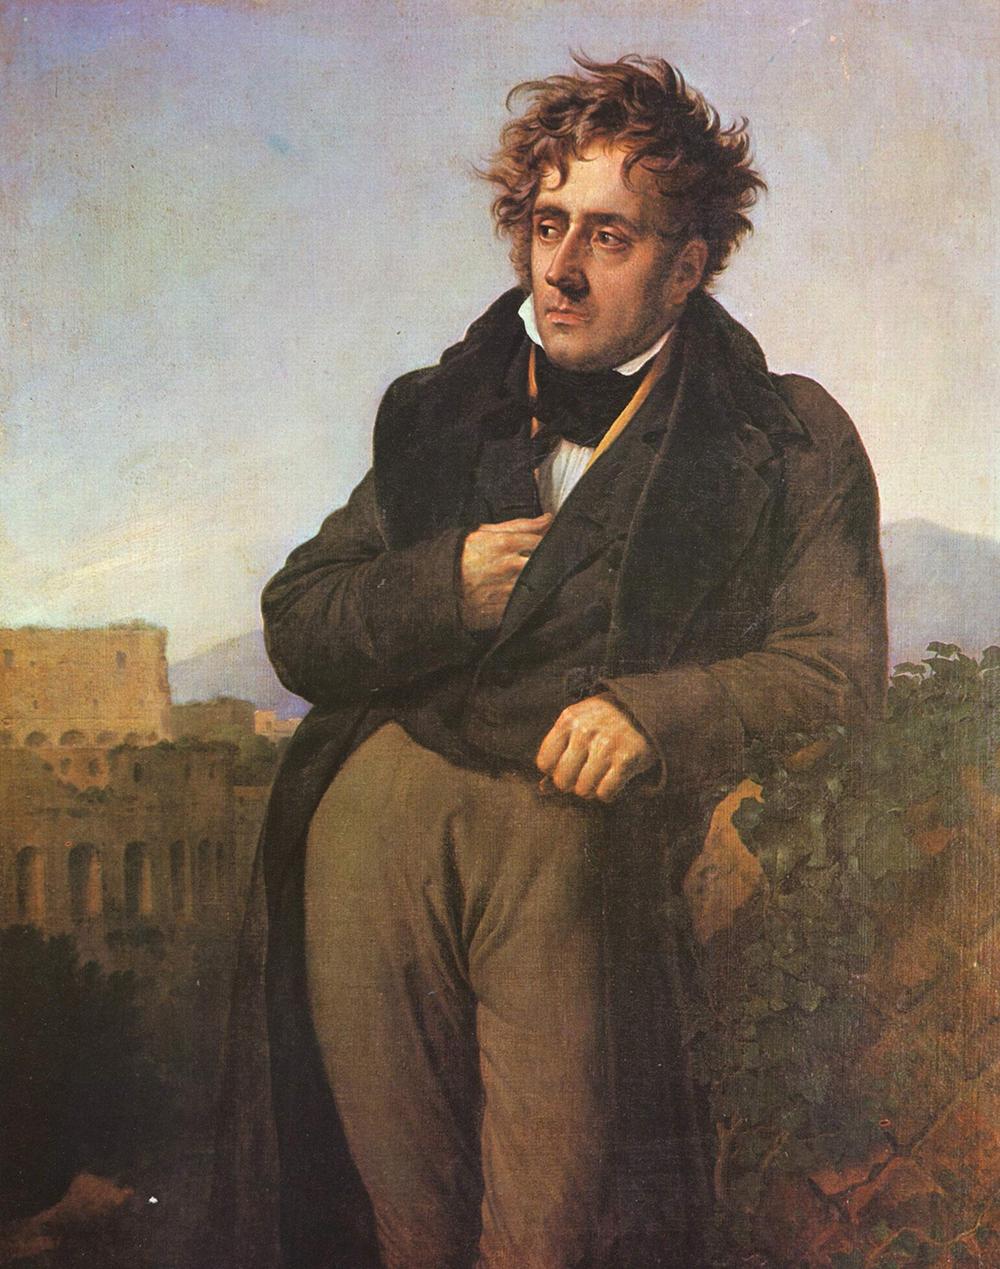 """""""Chateaubriand Meditating on the Ruins of Rome,"""" by Anne-Louis Girodet de Roucy Trioson, 1809. Musée d'Histoire de la Ville et du Pays Malouin."""